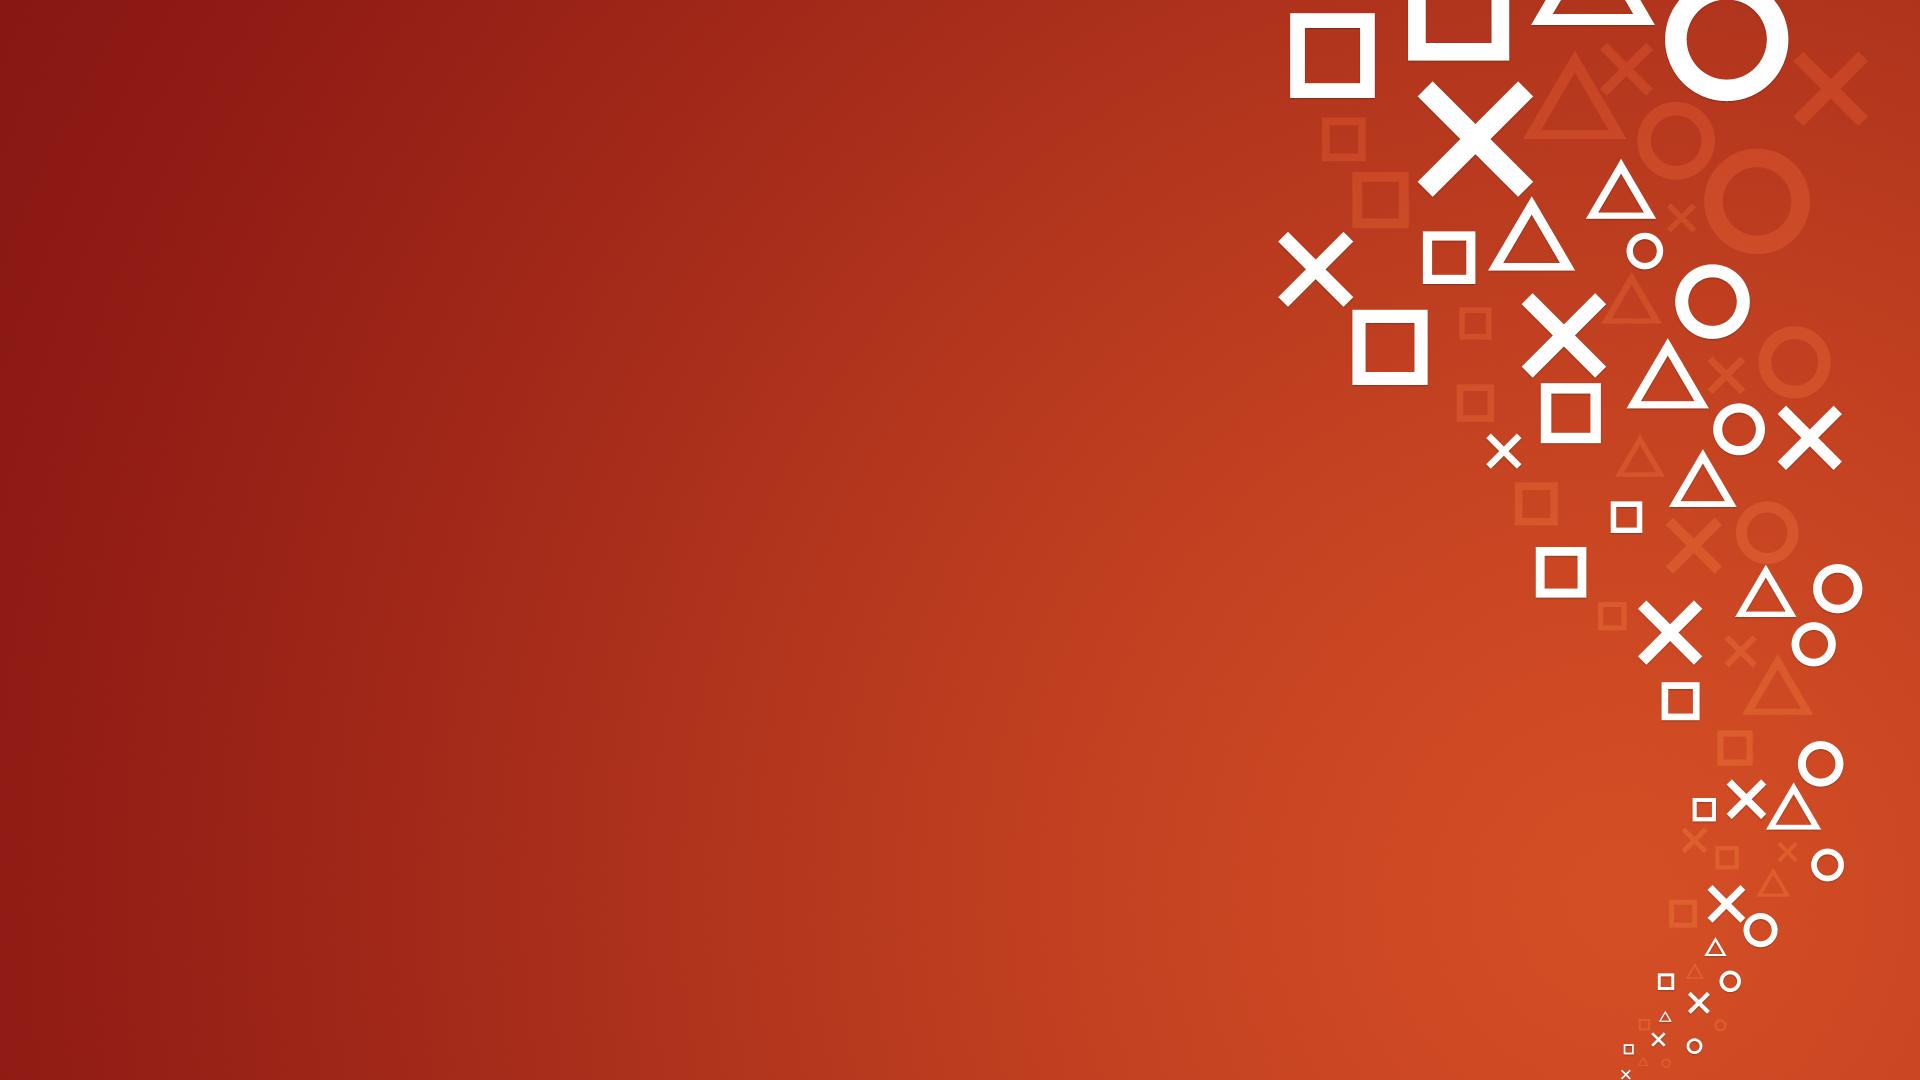 PlayStation 4 Orange HD Walldsfsdfaper c Playstation